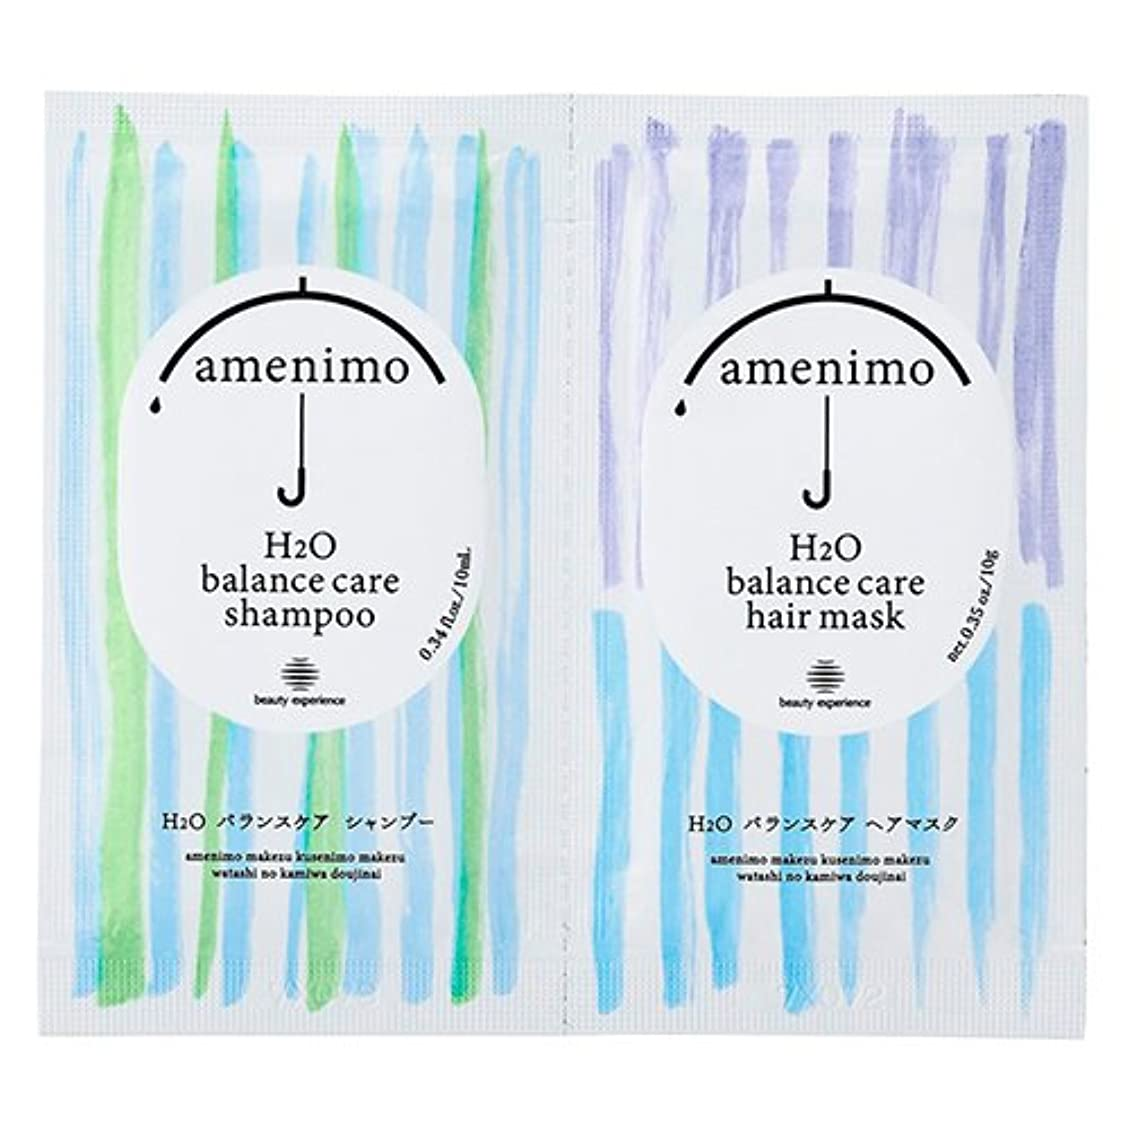 干ばつボス協力amenimo(アメニモ) H2O バランスケア シャンプー&ヘアマスク 1dayお試し 10mL+10g